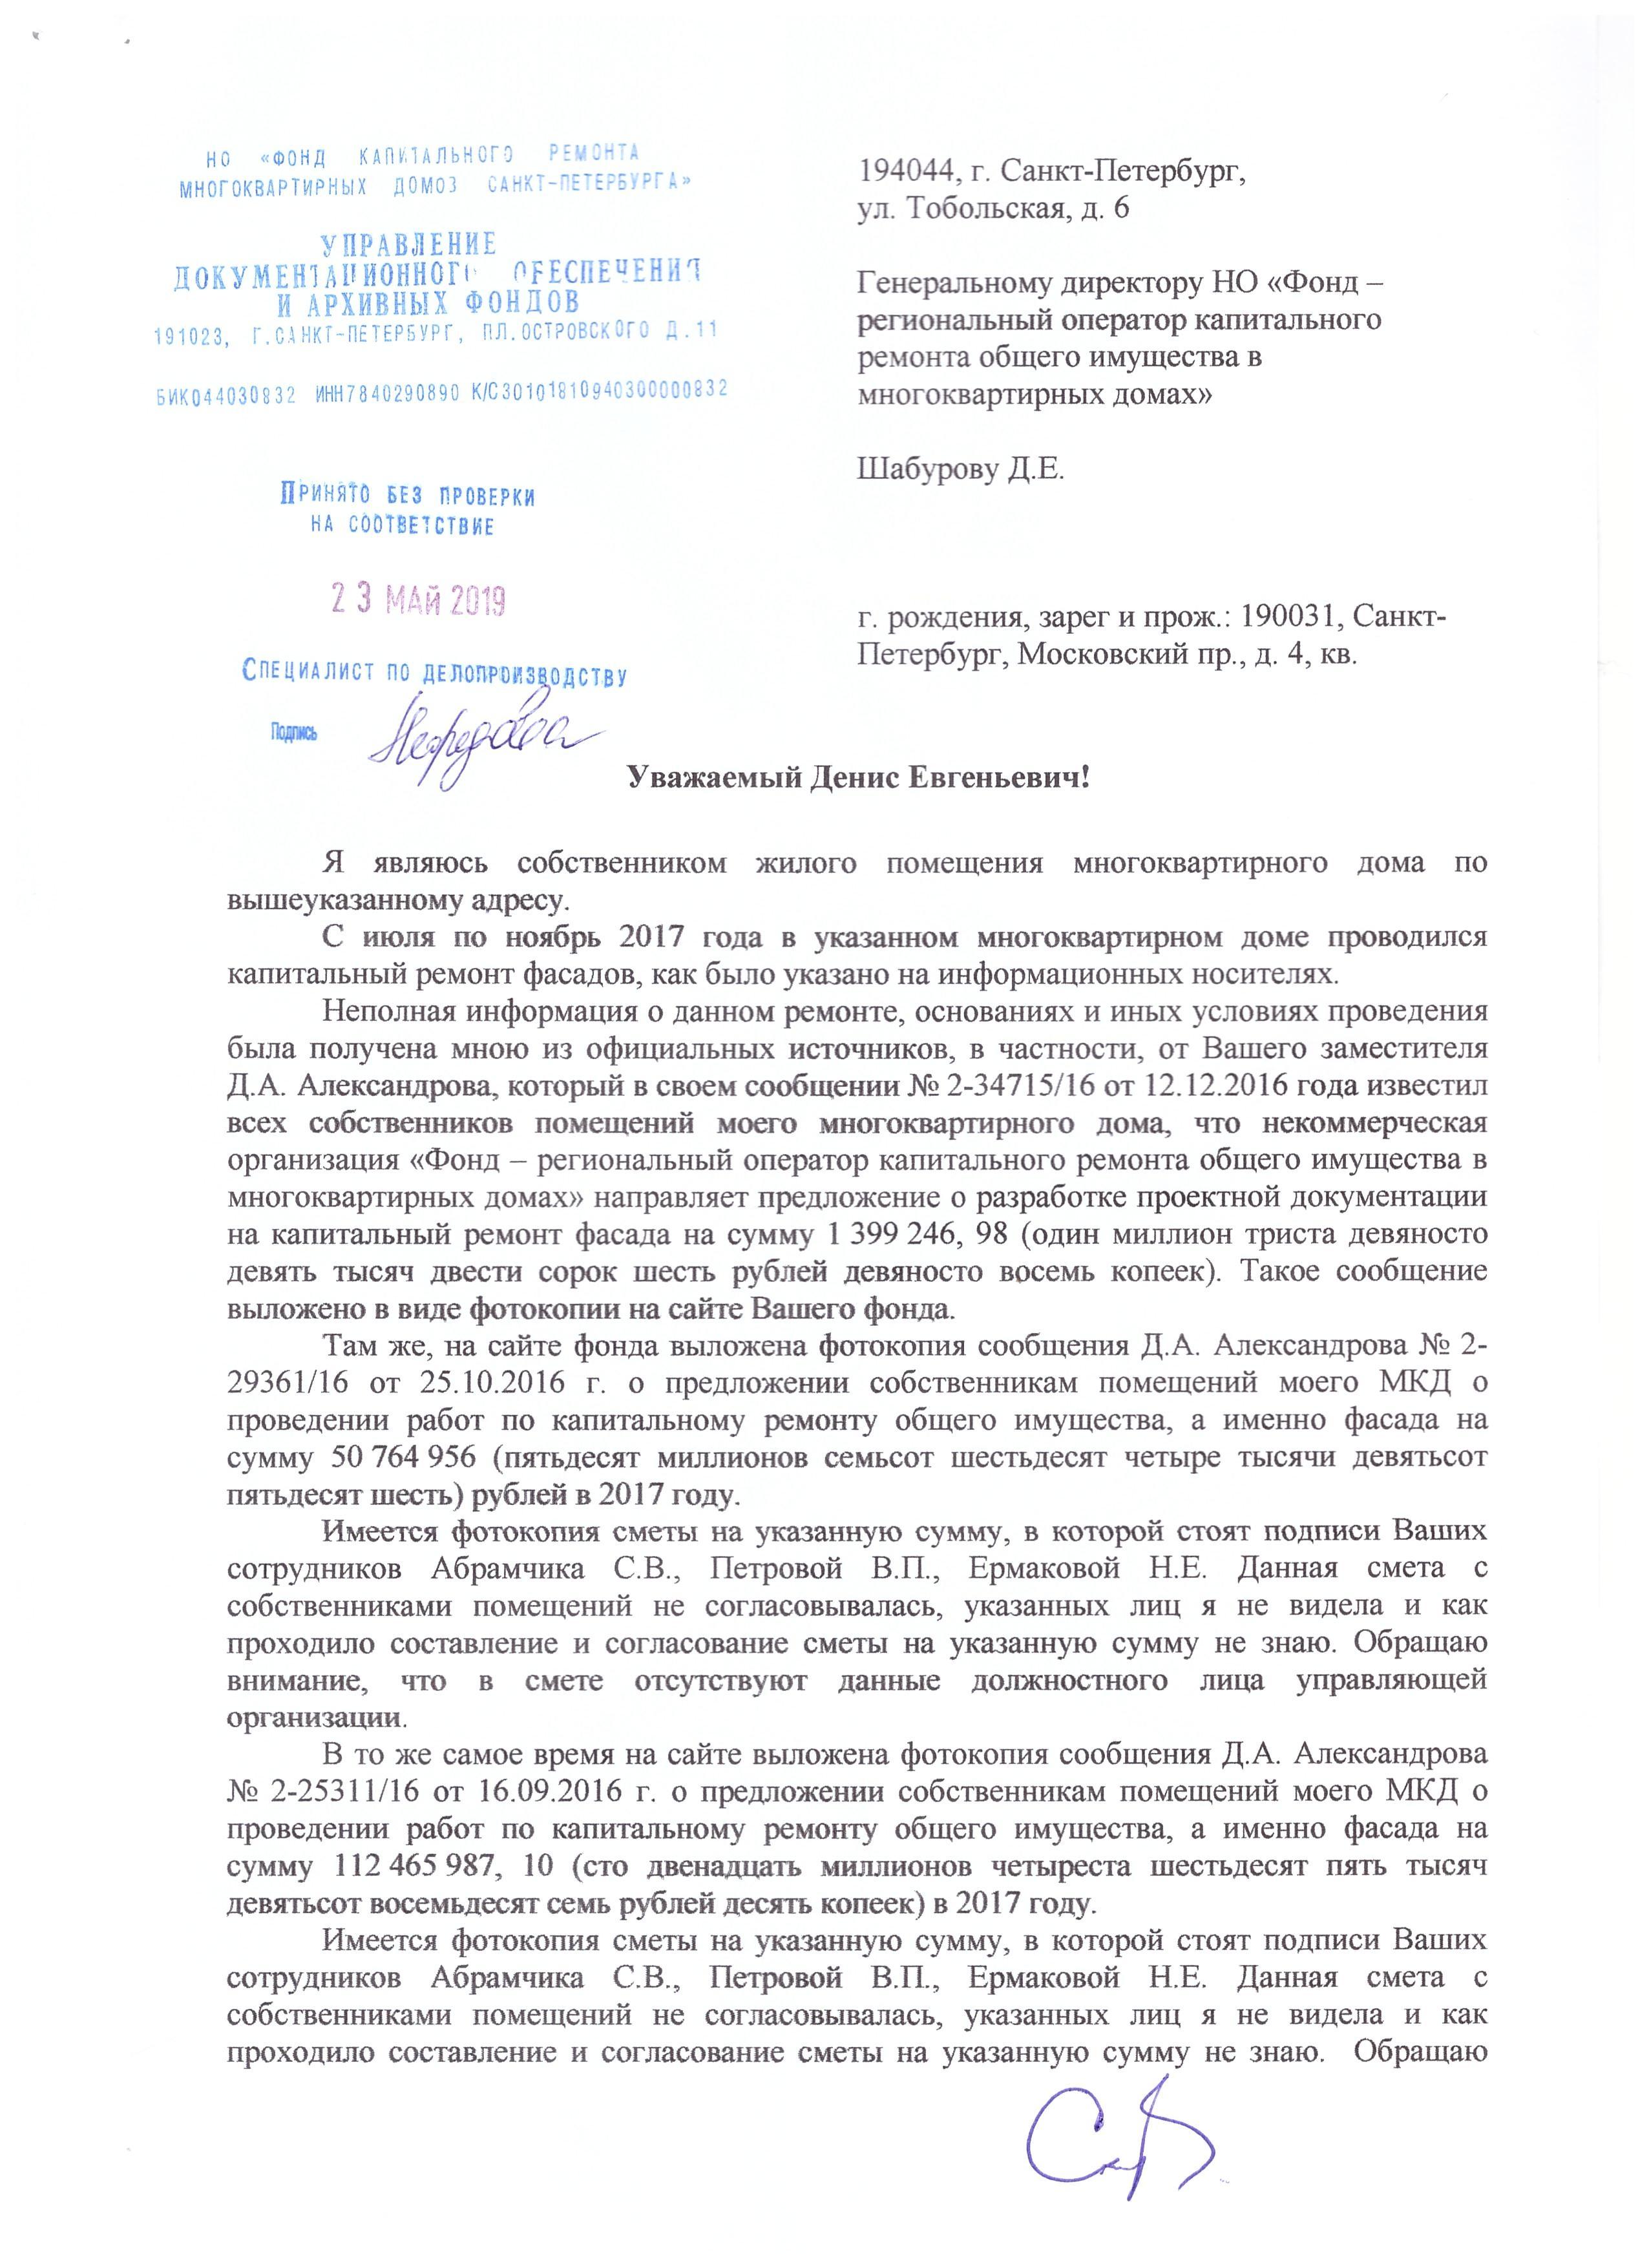 Шабуров Д.Е..jpg